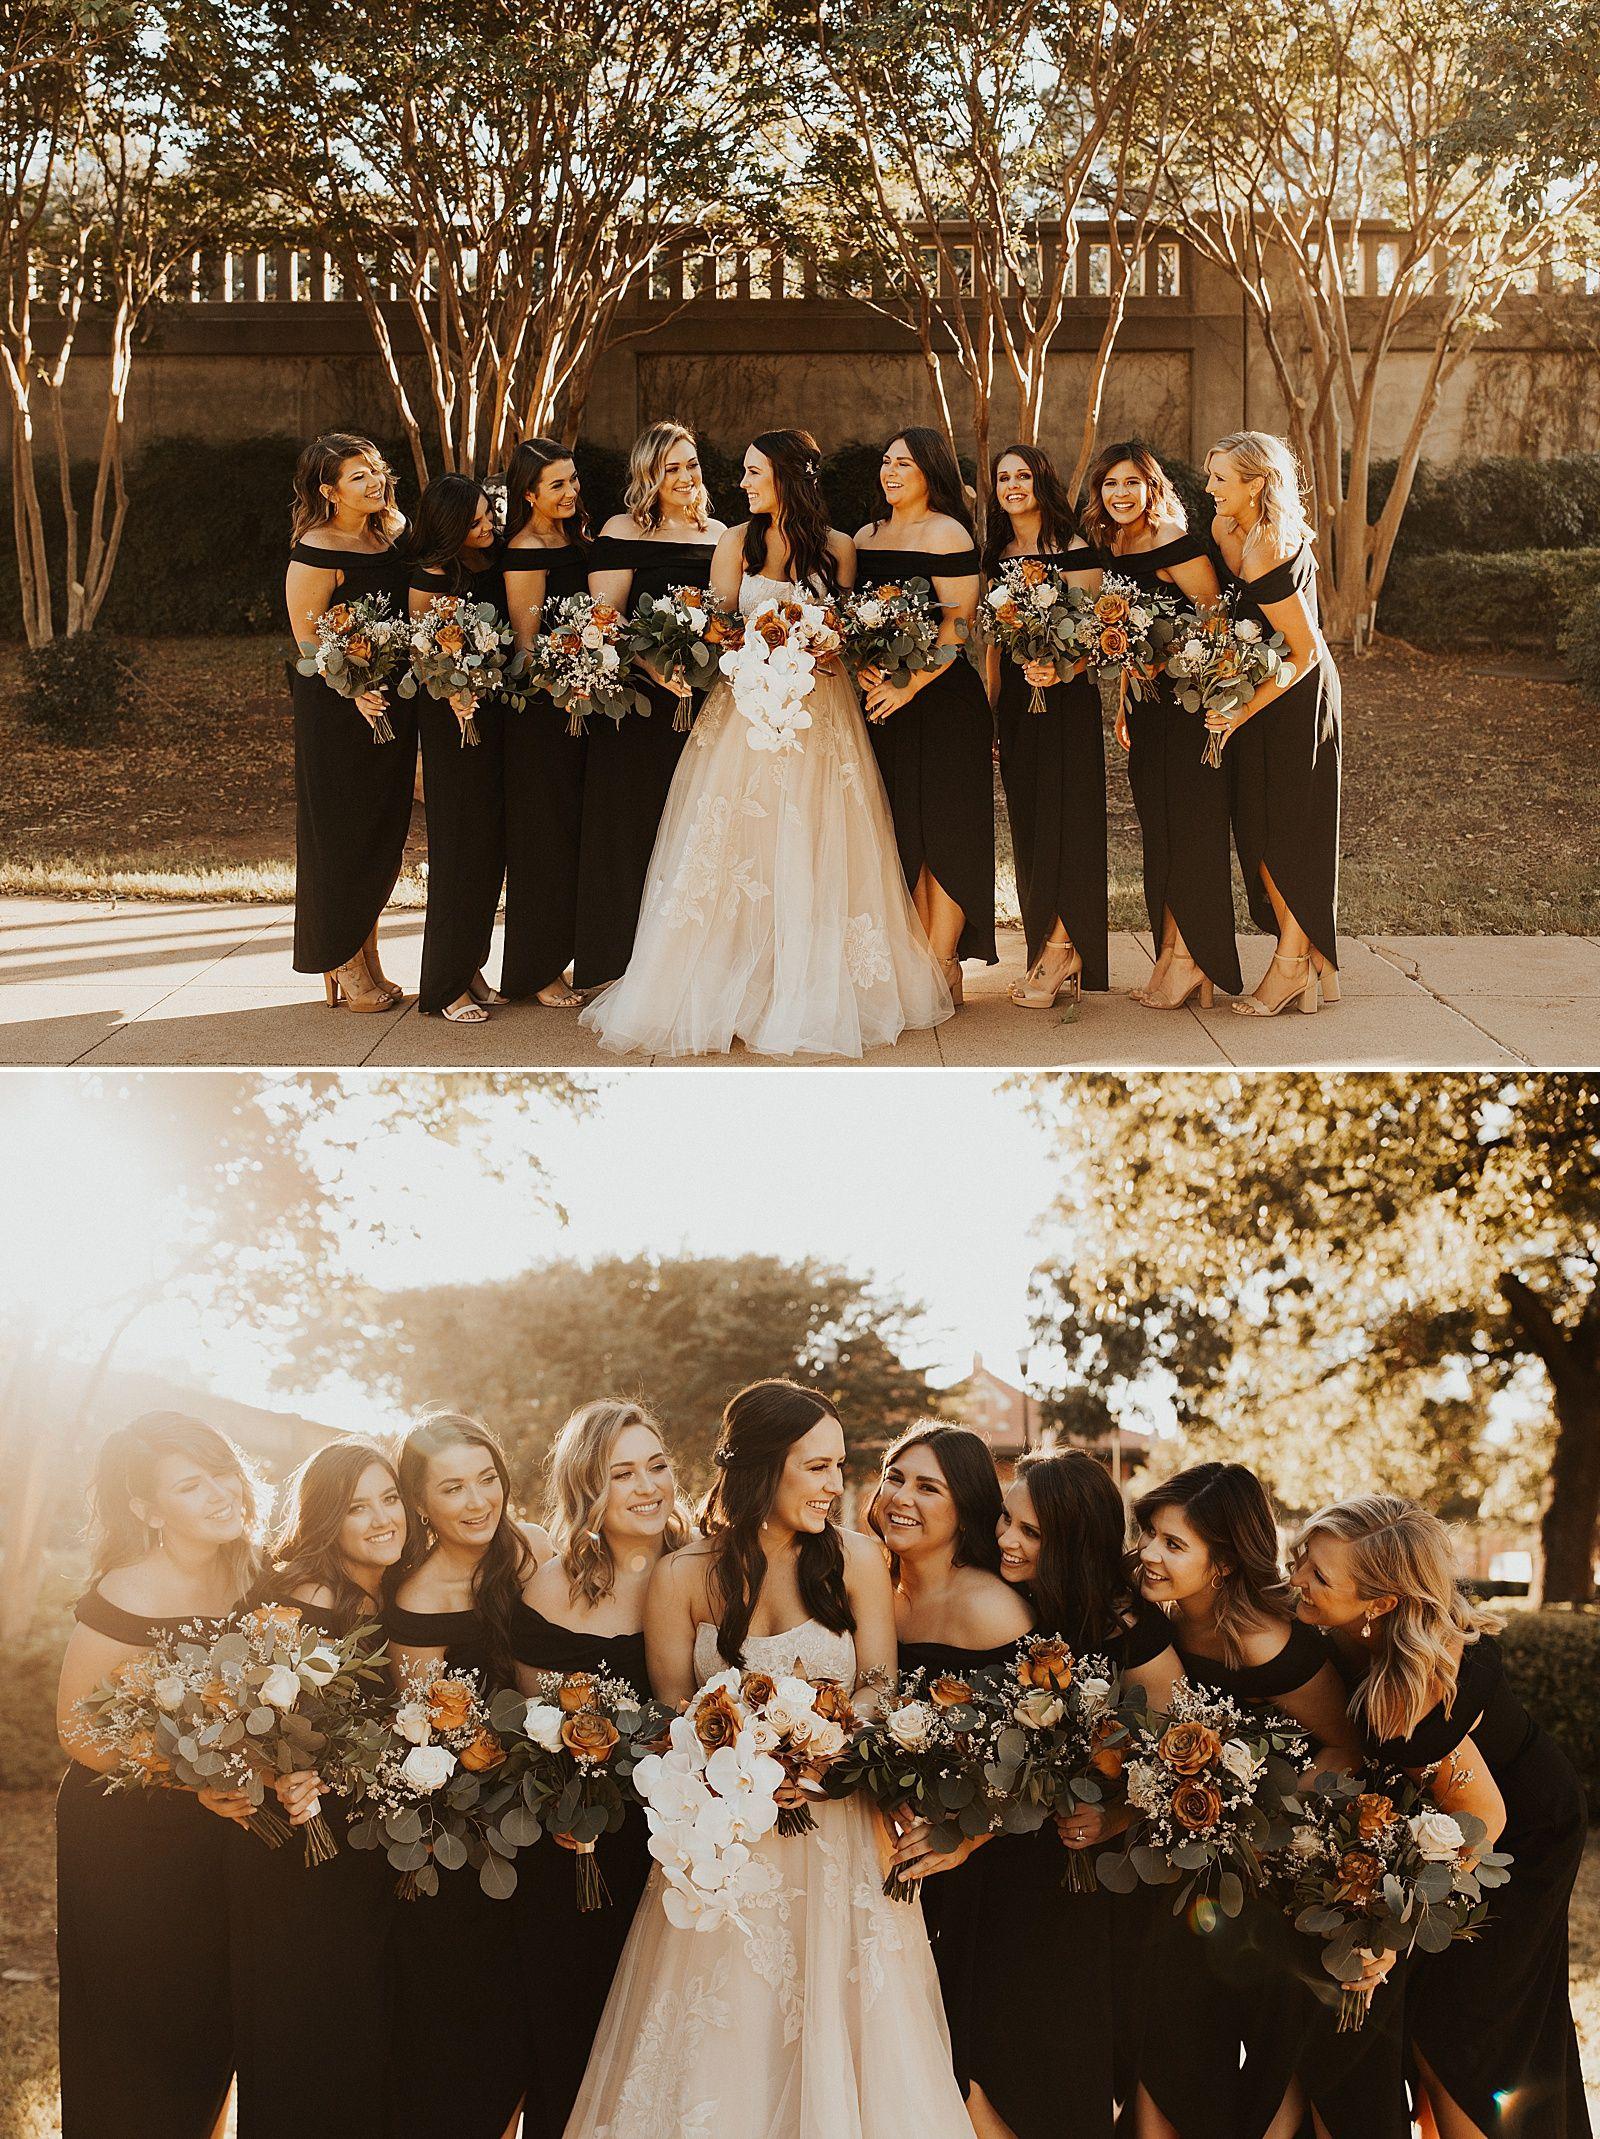 Grace Museum Wedding In Abilene Tx Lauren Alex Meg Amorette Photography Black Bridesmaid Dresses Fall Wedding Fall Bridesmaid Dresses [ 2139 x 1600 Pixel ]